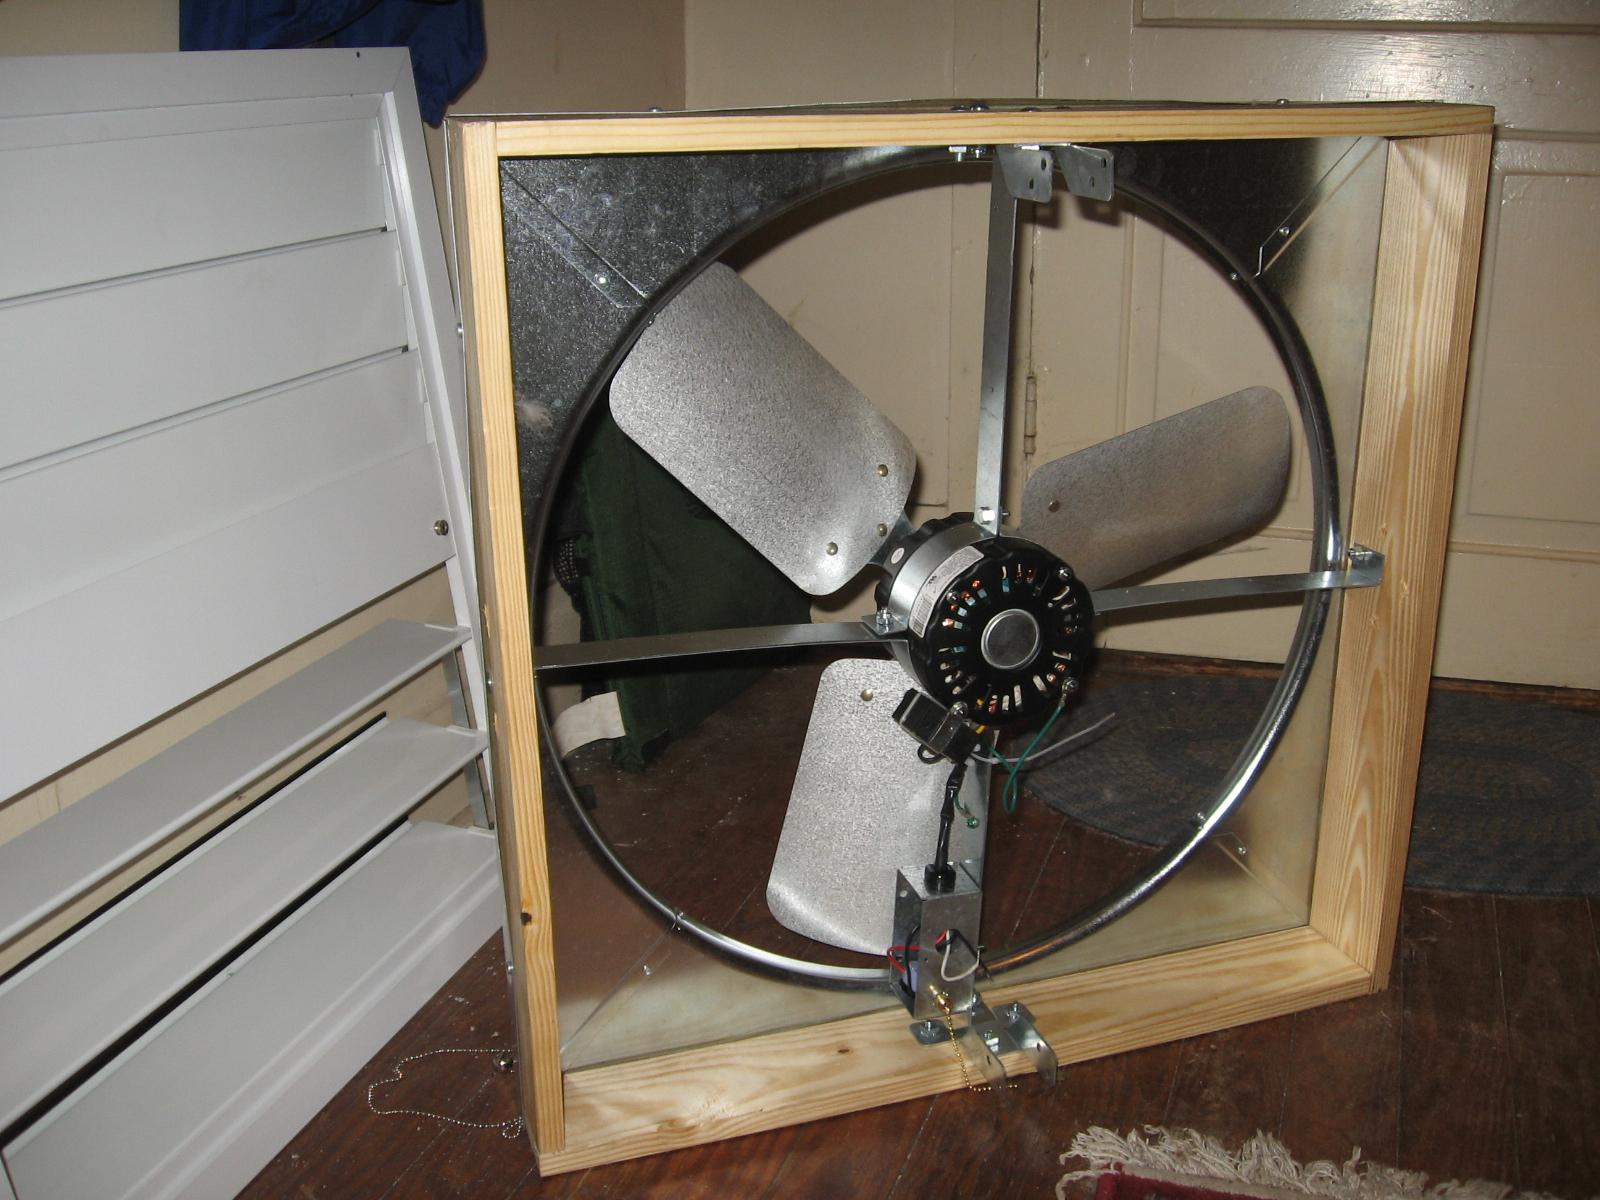 File:Whole-house-fan-pre-install.JPG - Wikimedia Commons